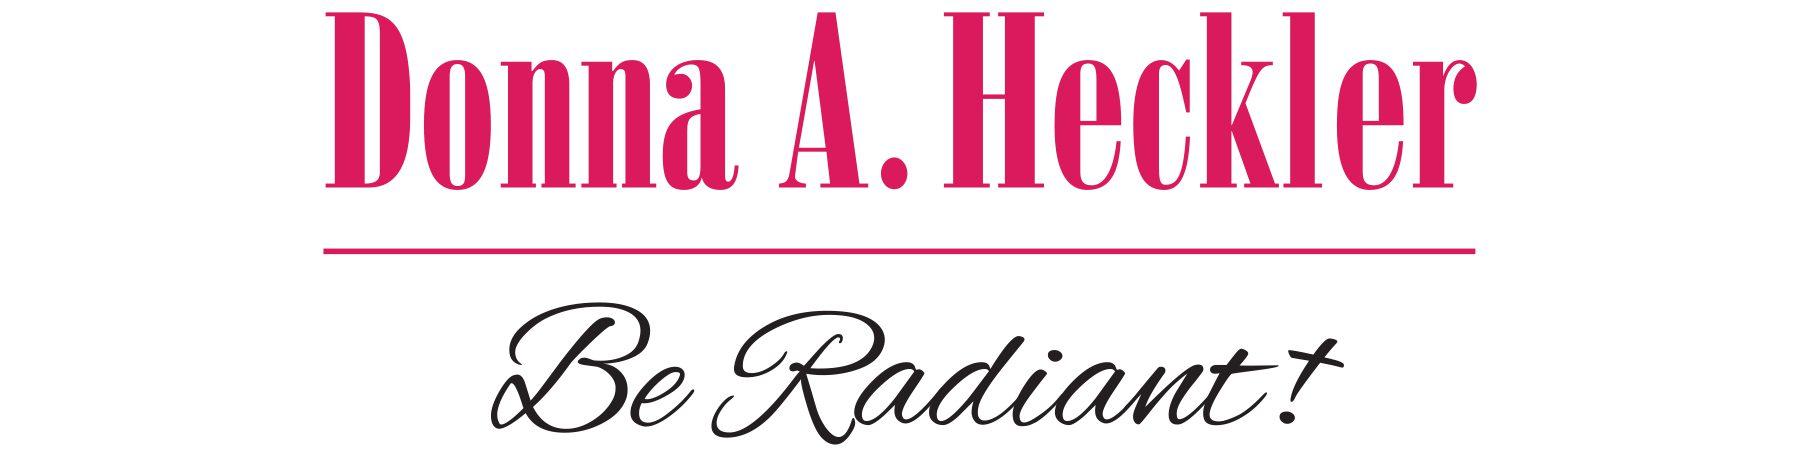 Donna A. Heckler